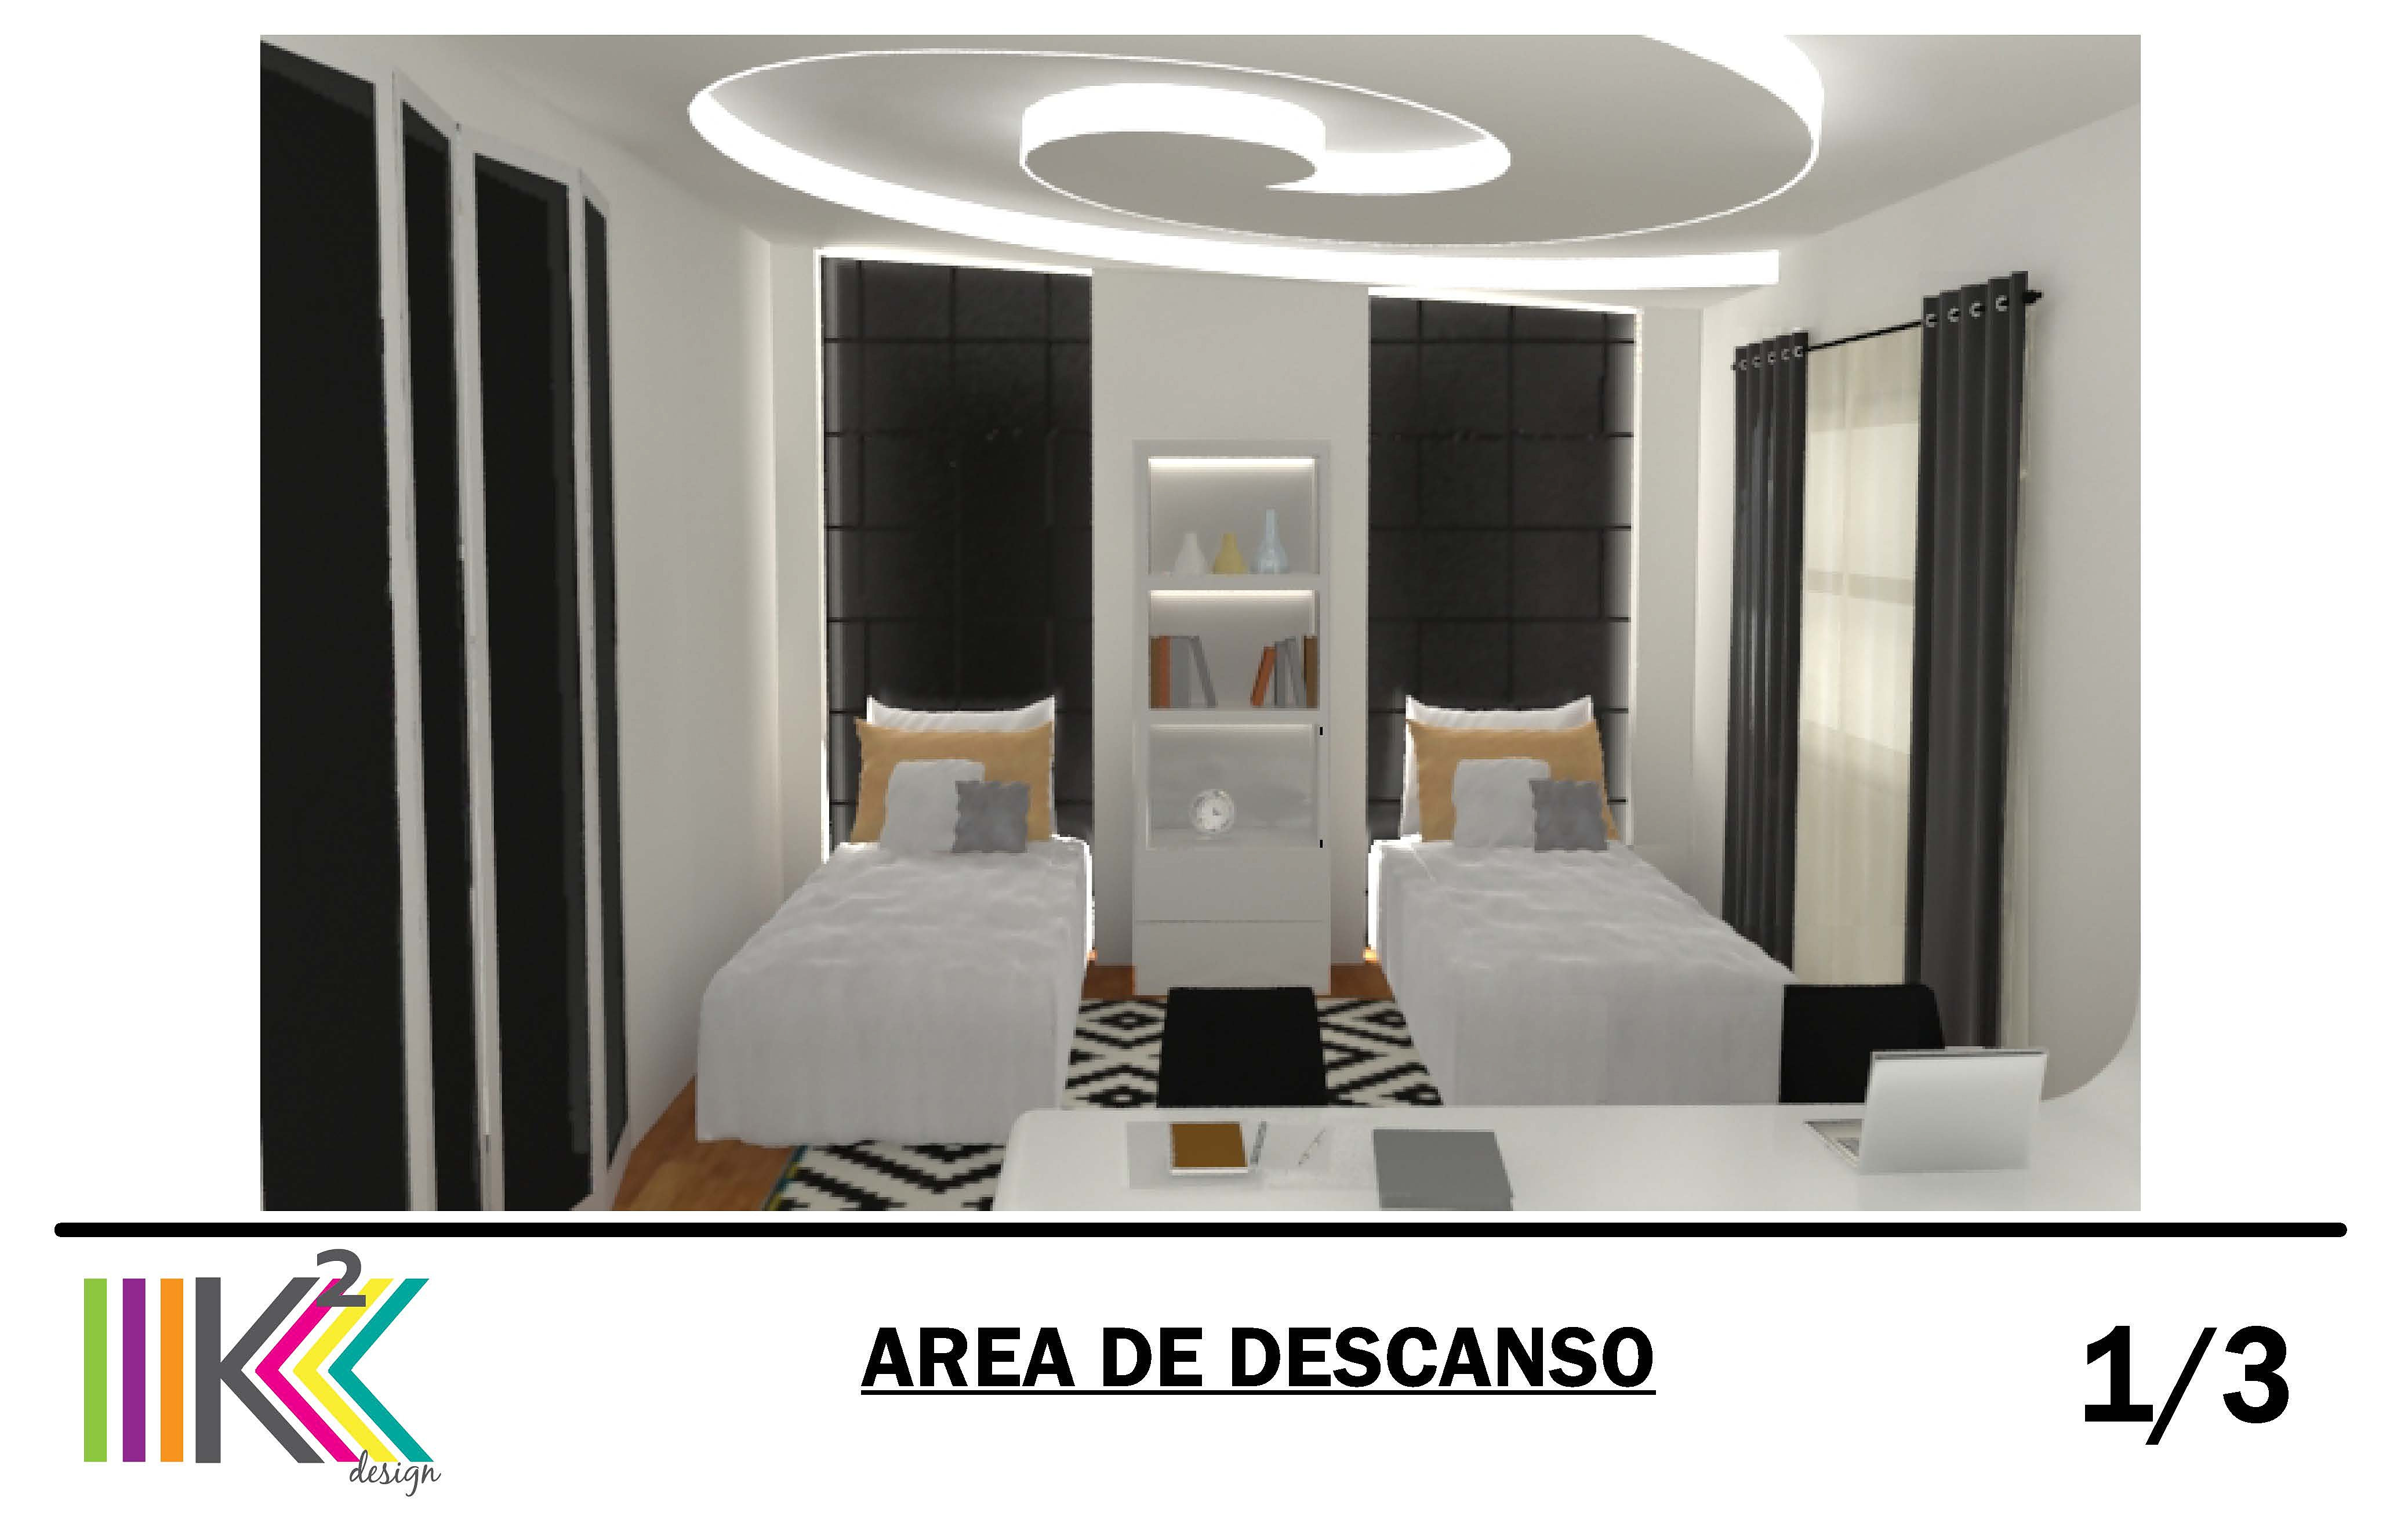 K2 design co san diego interior designer san diego for Recamaras modernas para jovenes